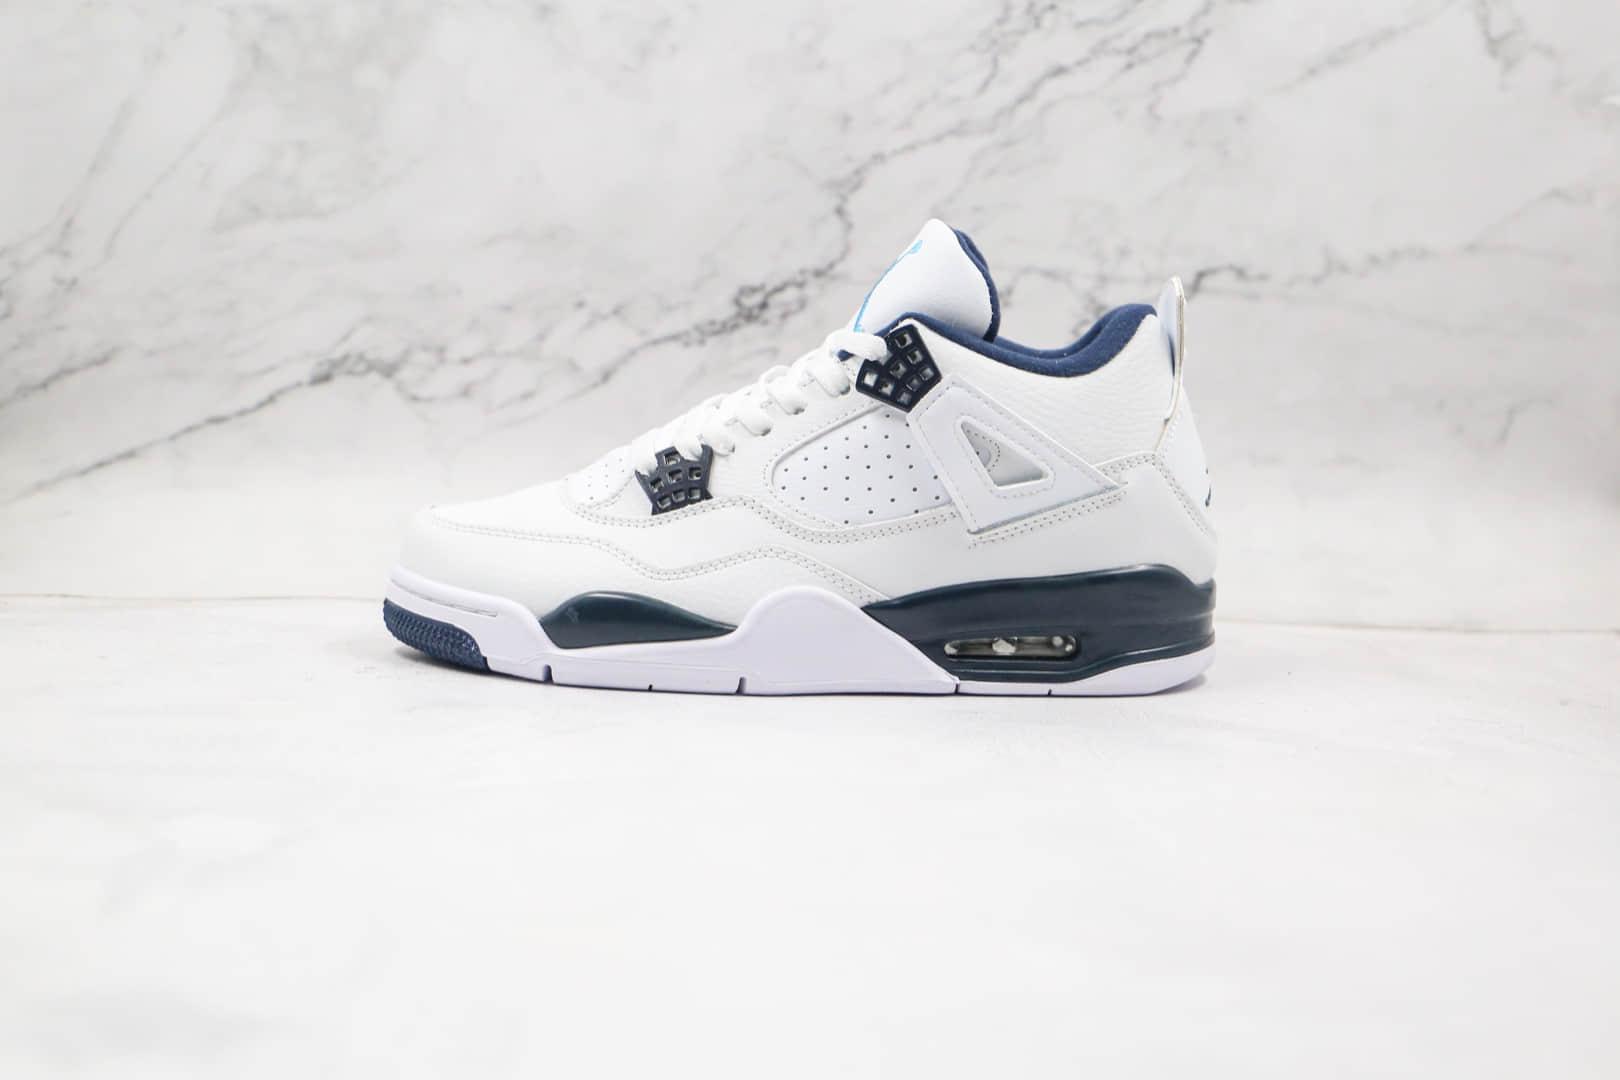 乔丹Air Jordan 4 Retro纯原版本哥伦比亚白蓝色AJ4篮球鞋原楦头纸板打造 货号:314254-107